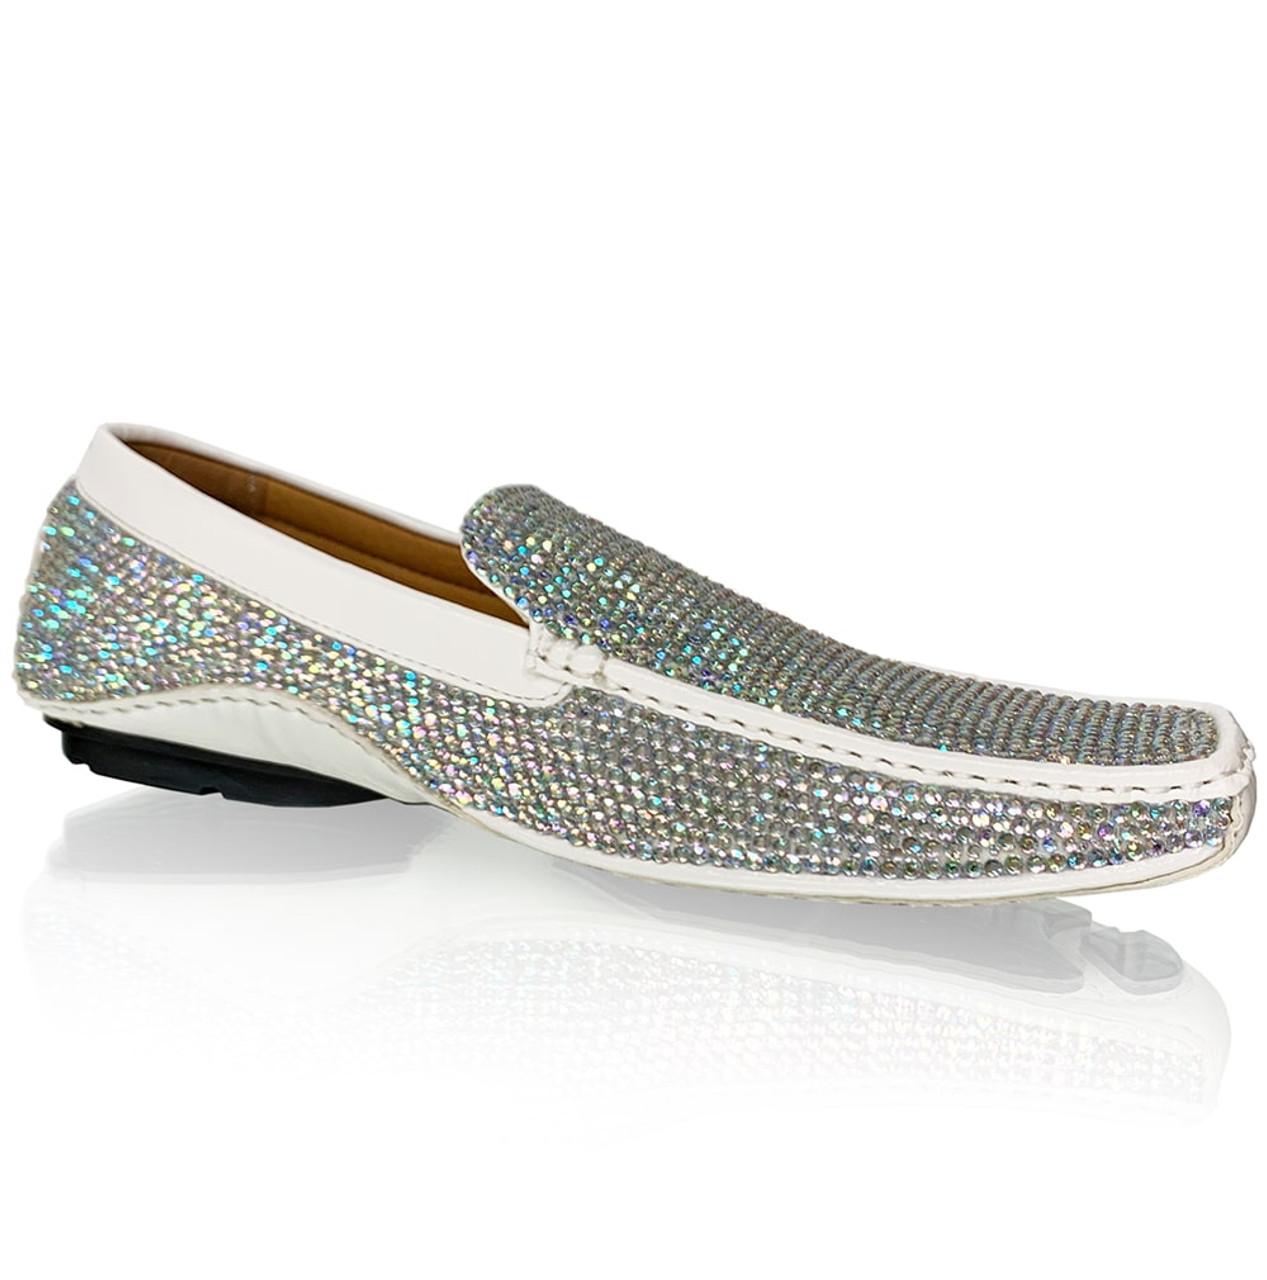 AB Crystal Formal Loafer